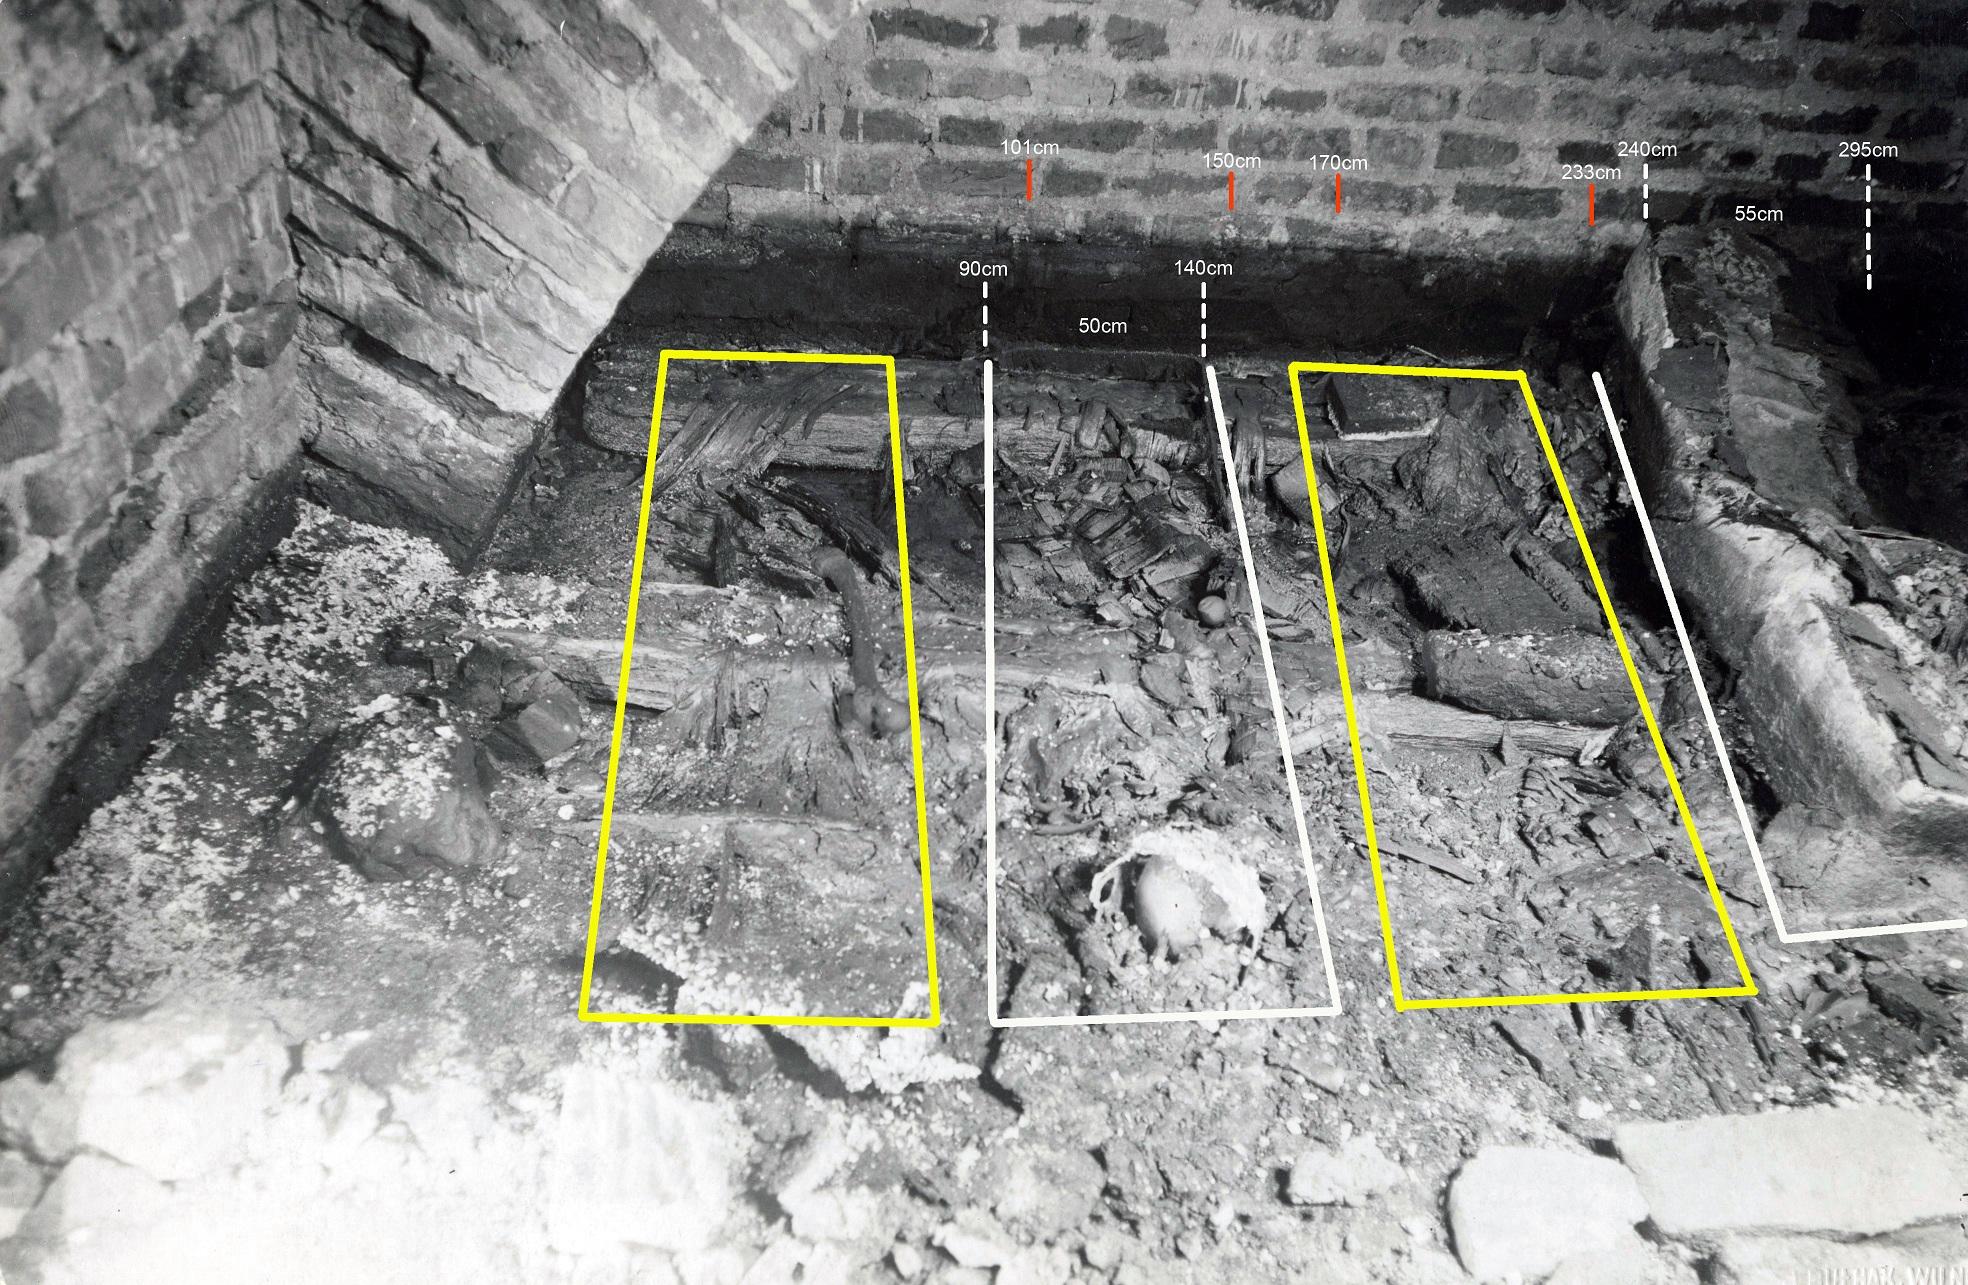 7 pav. Karalių kriptos vaizdas iš įėjimo pusės. Fot. aut. J. Bulhakas. 1931 m. (LVIA 1135-3-308(26)